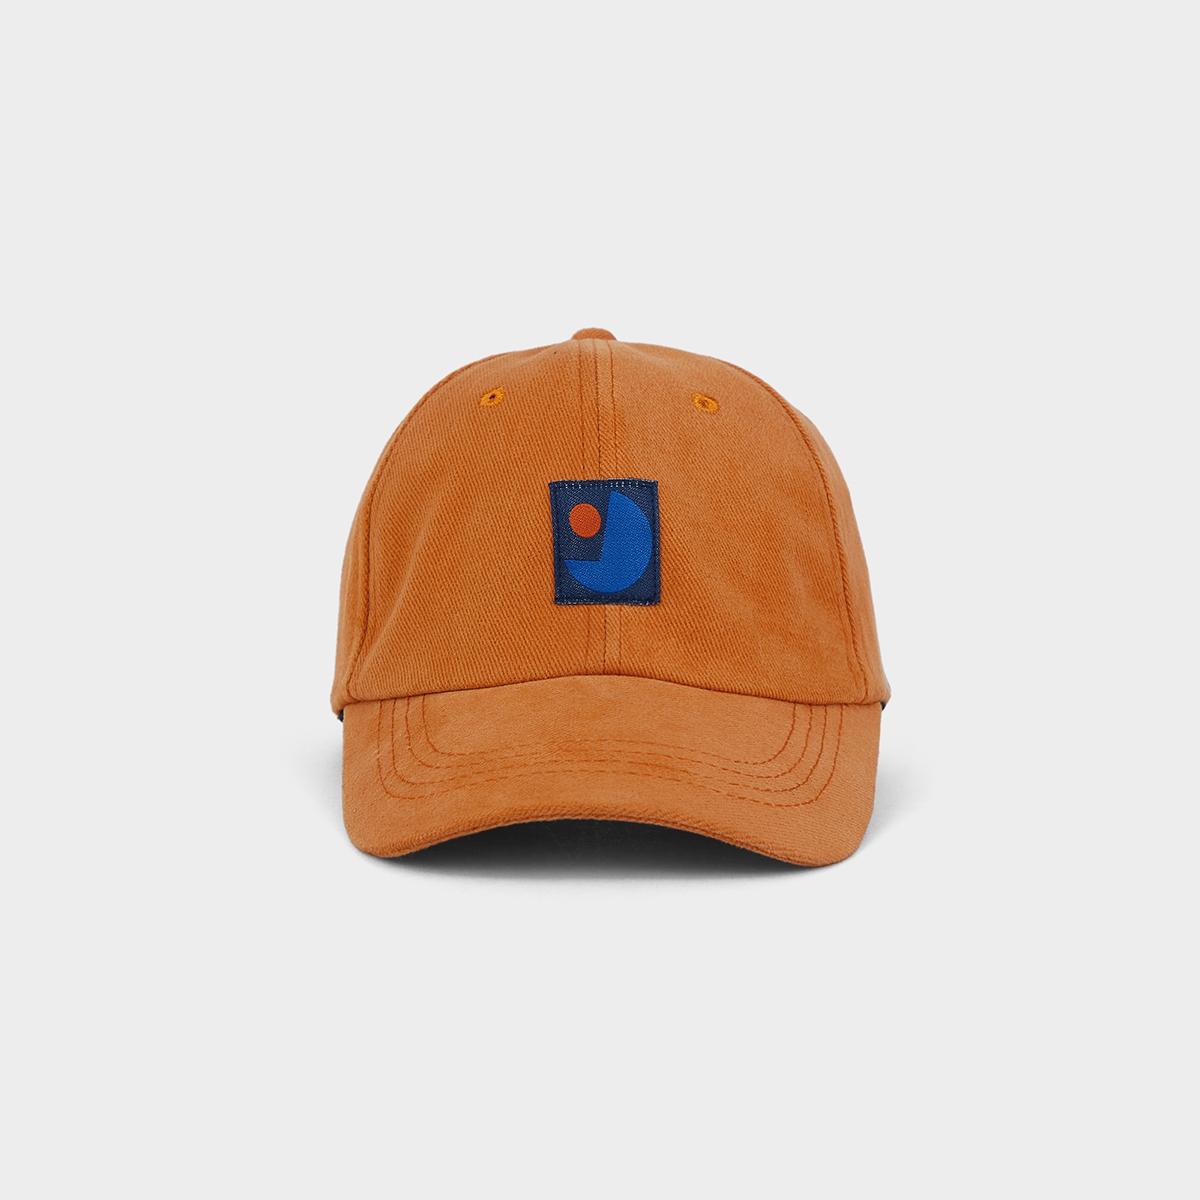 Japfac Cozy Cap Orange